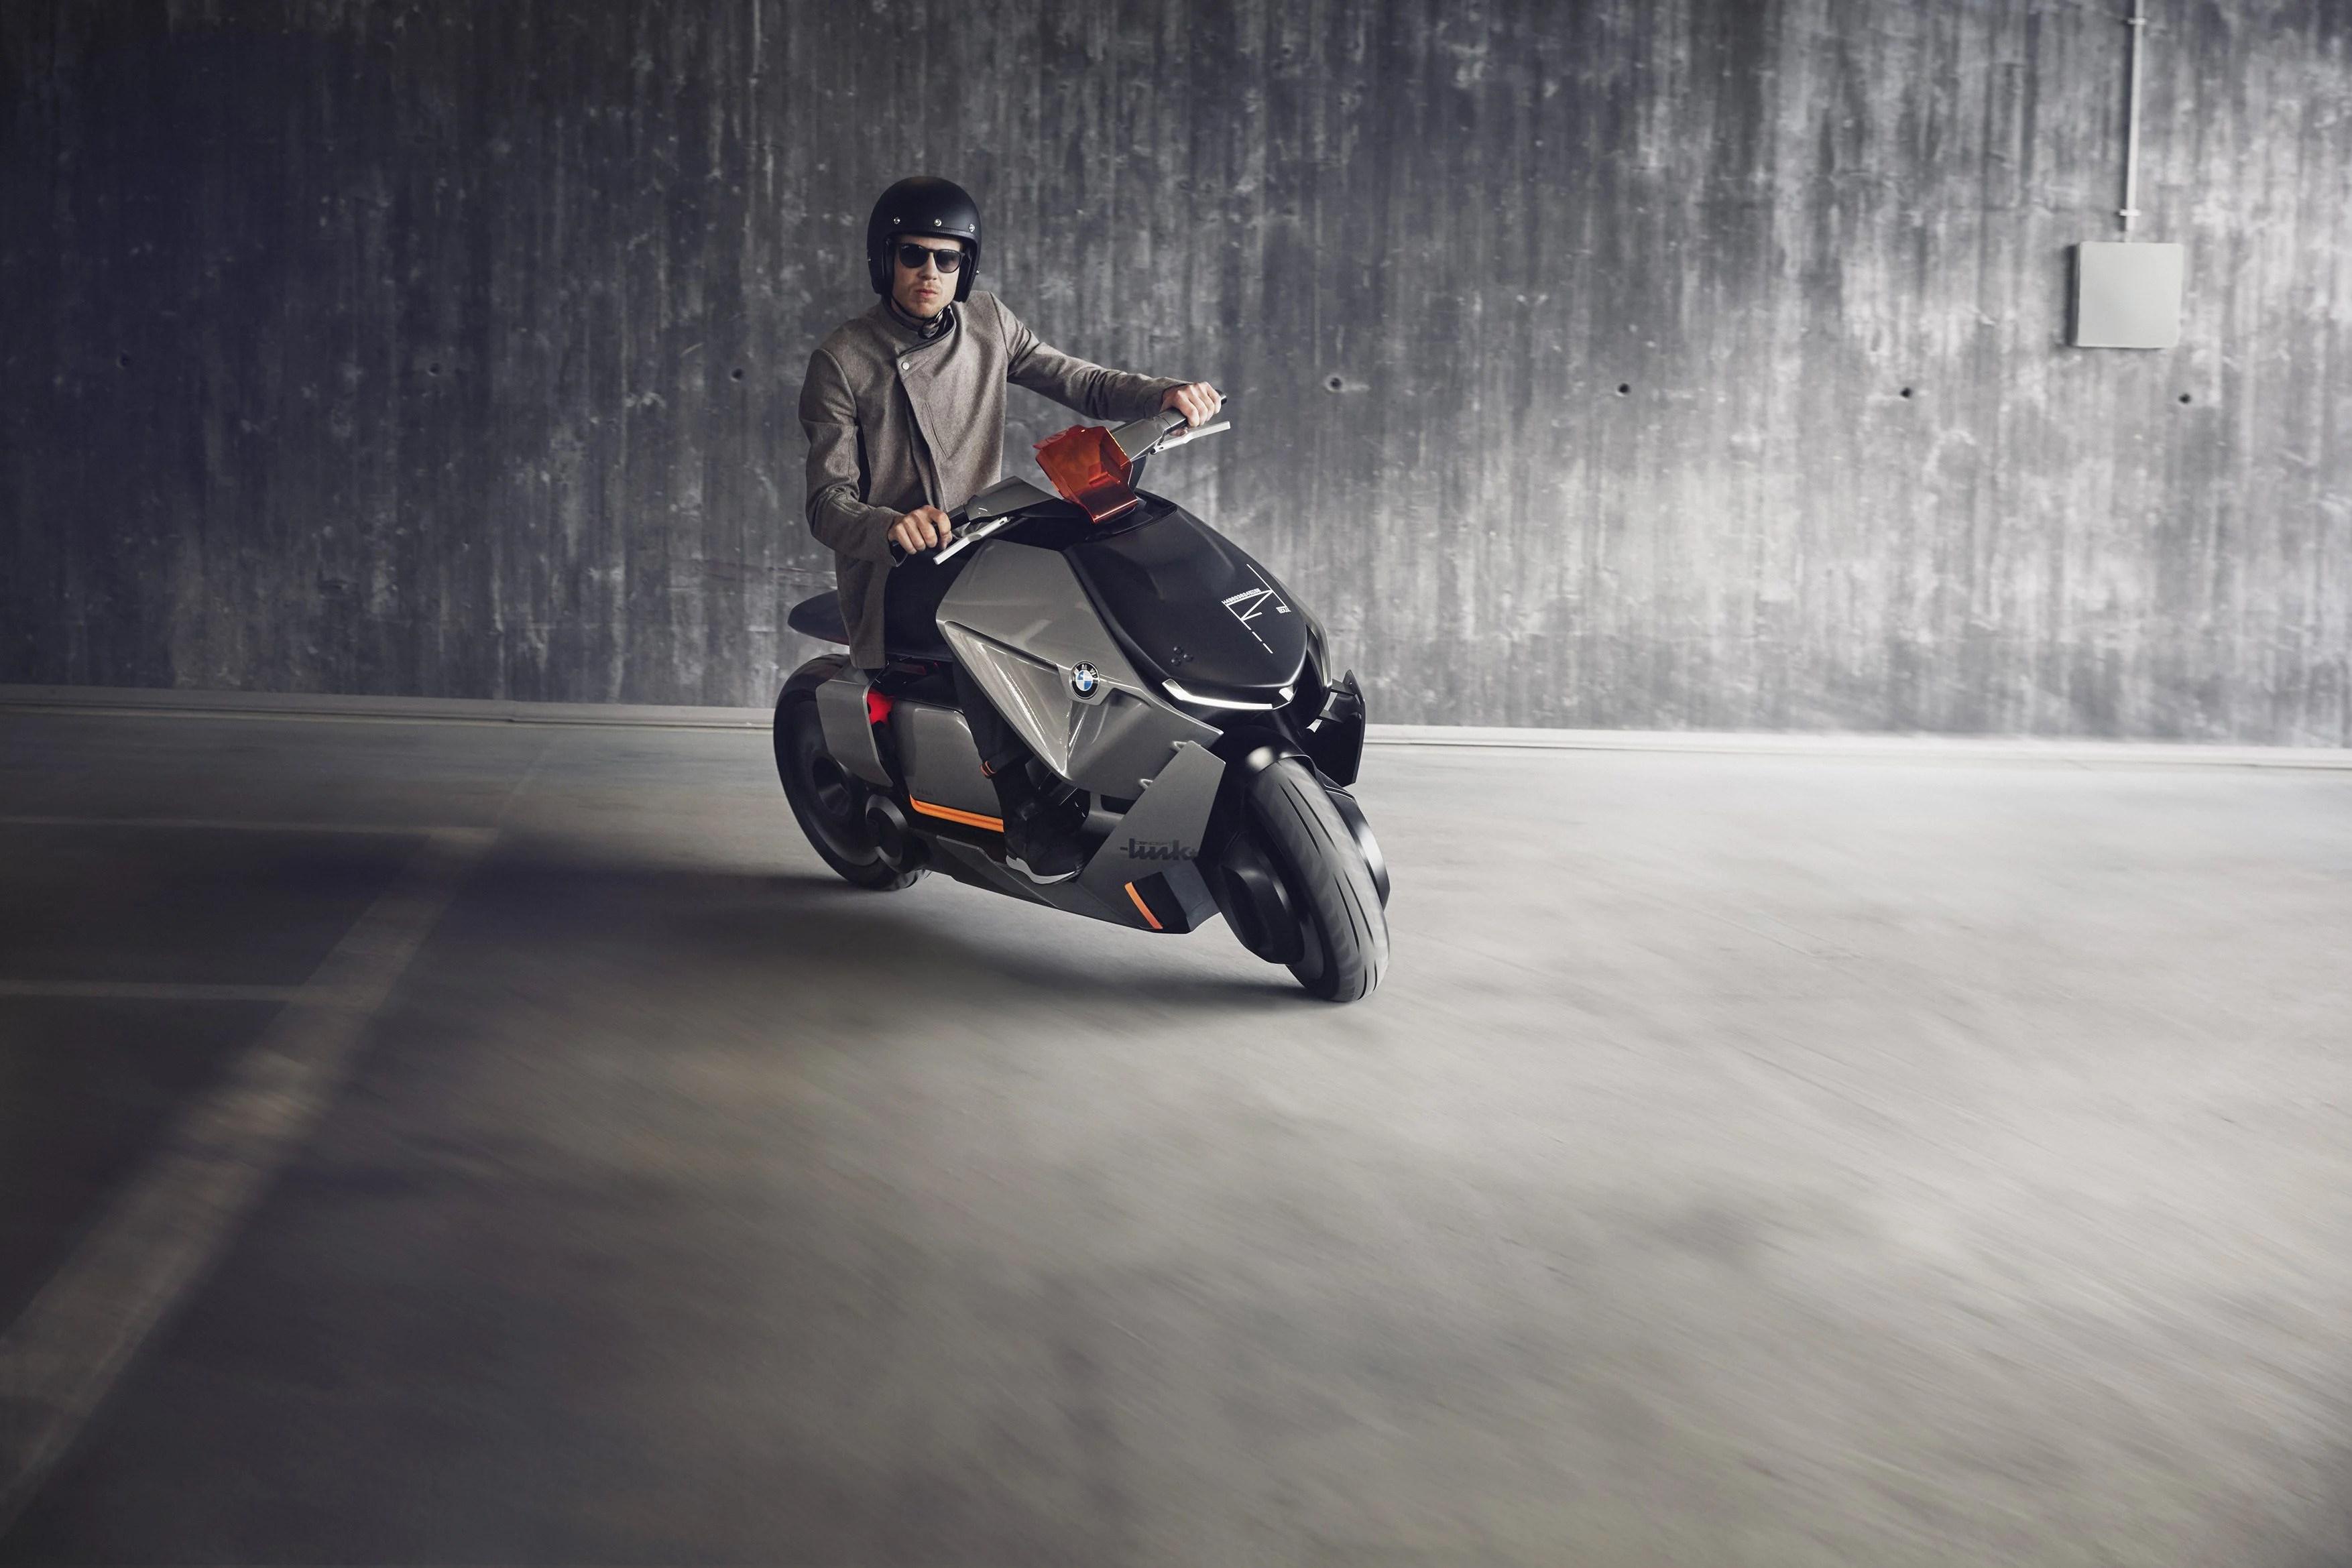 BMW dévoile un scooter aux lignes futuristes, électrique et connecté